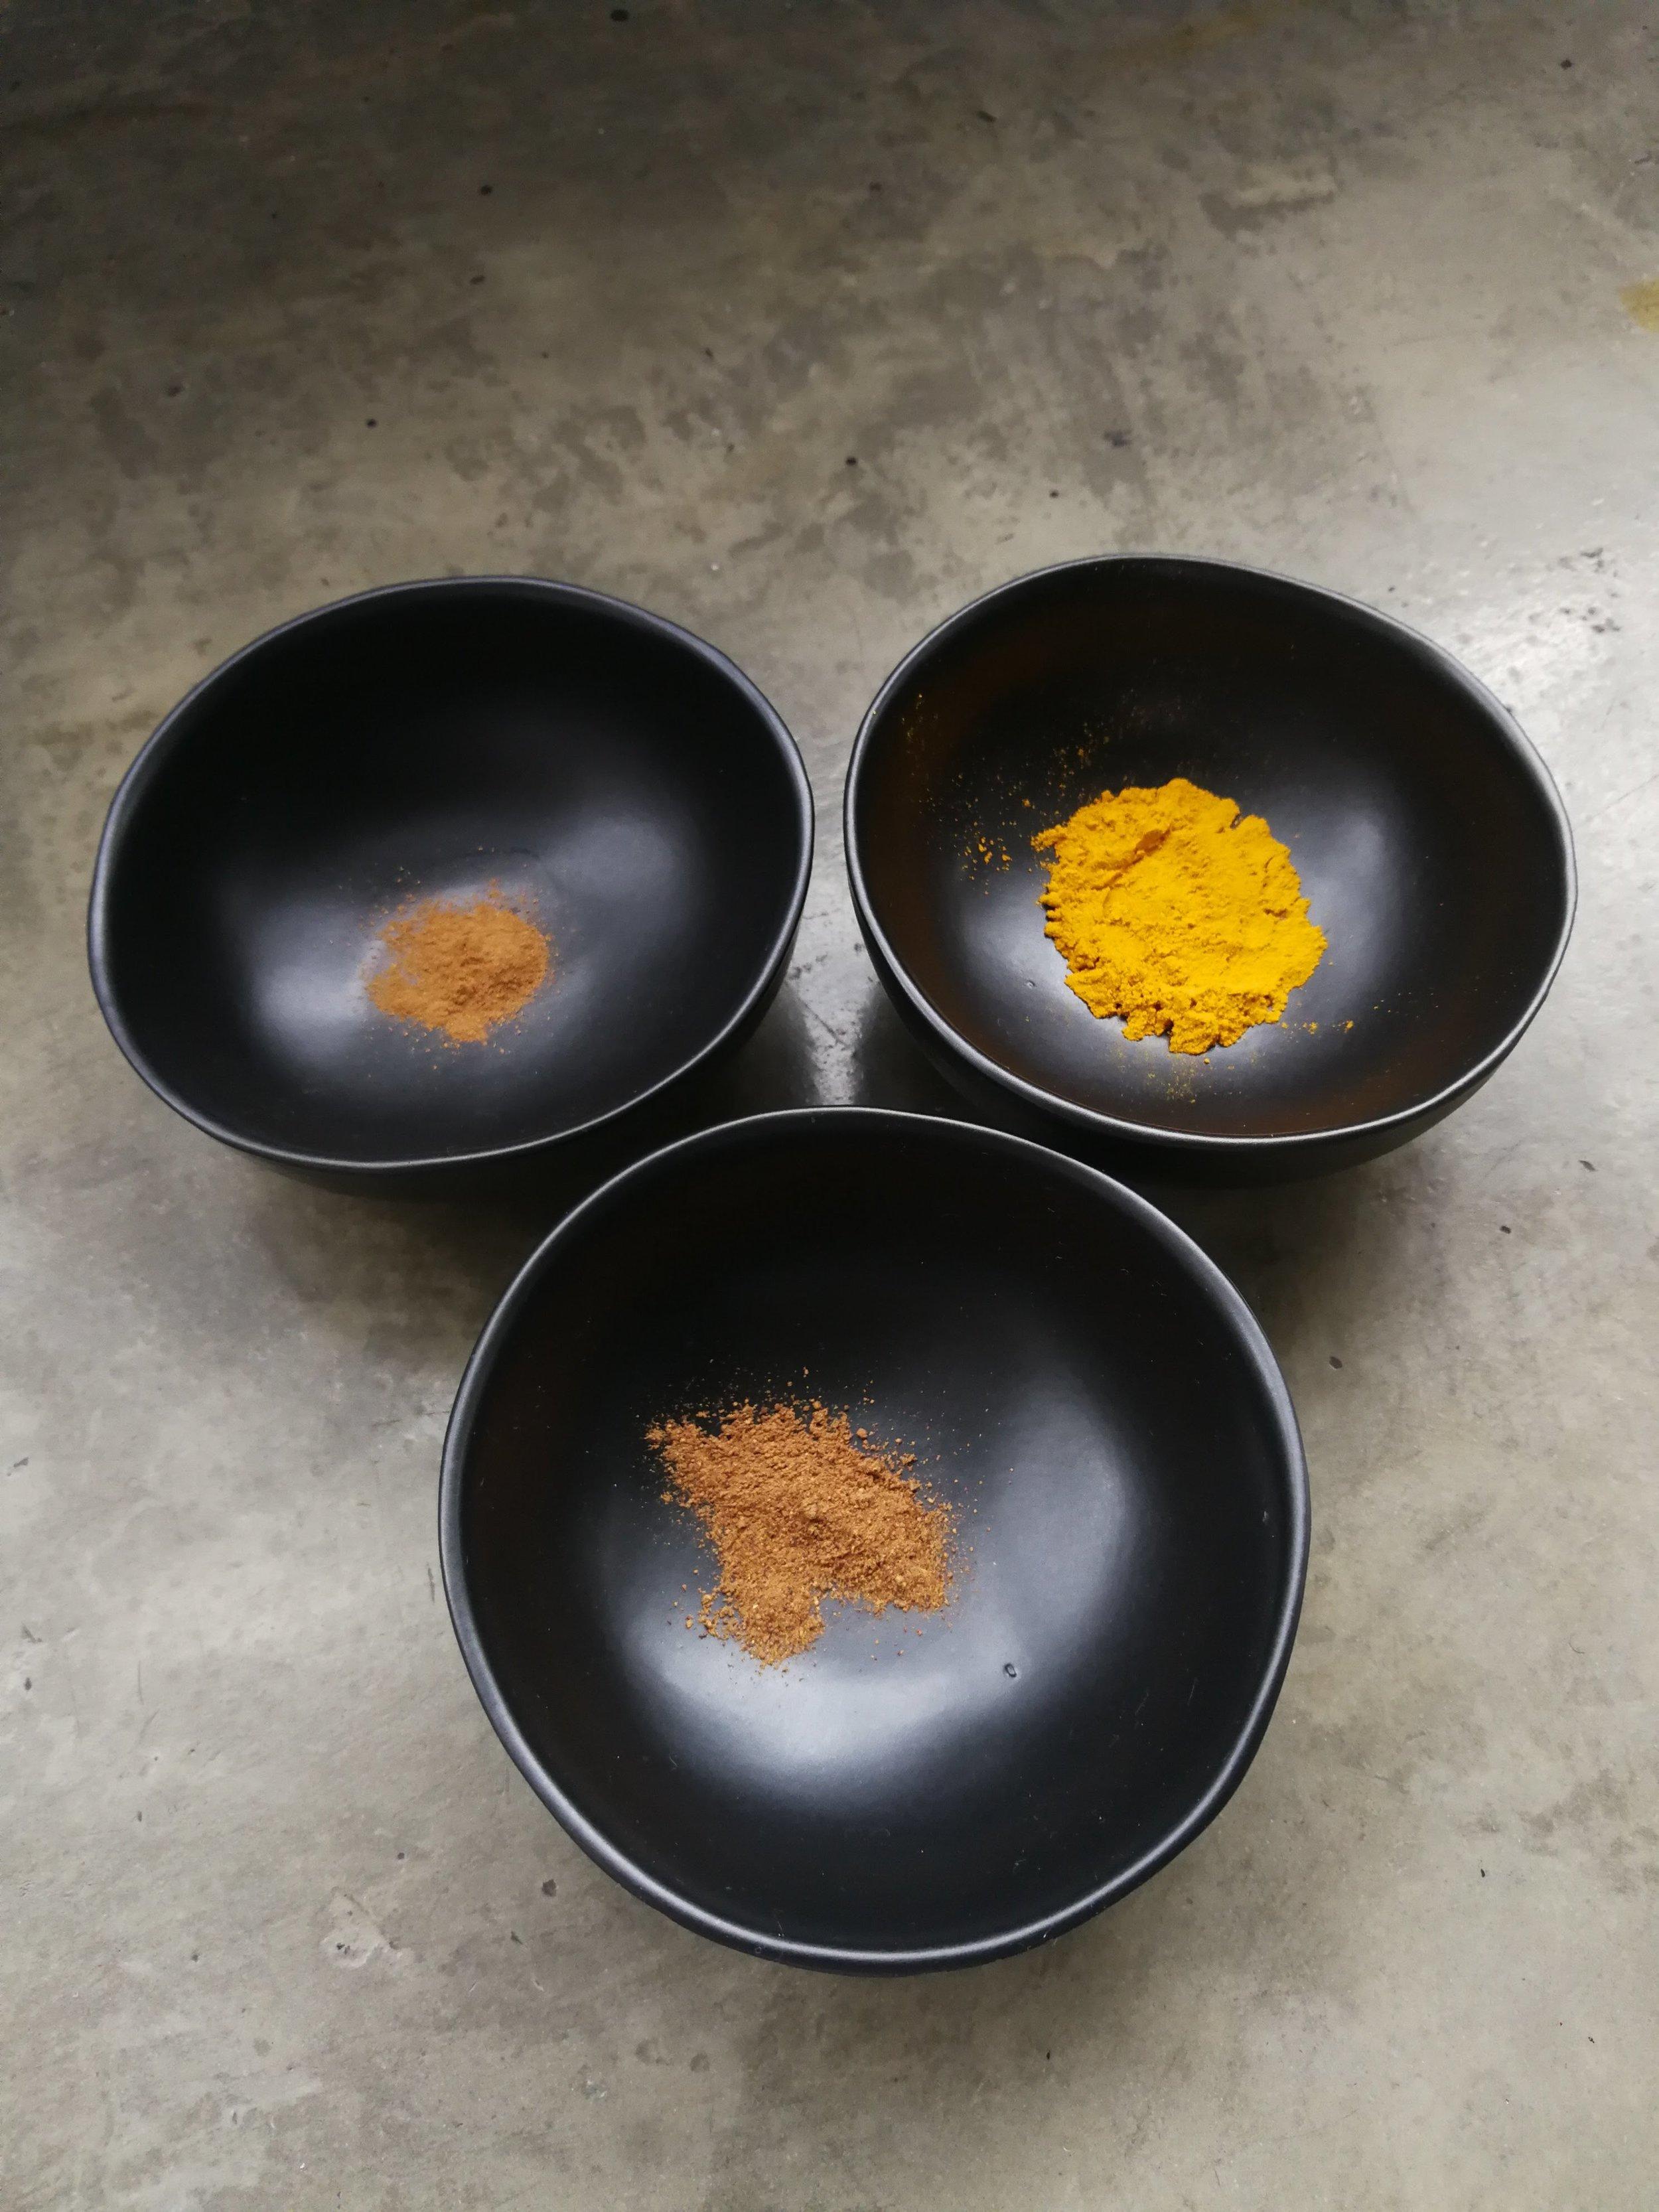 Spices - 1 Tsp Turmeric1 Tsp Cinnamon1 Tsp Nutmeg